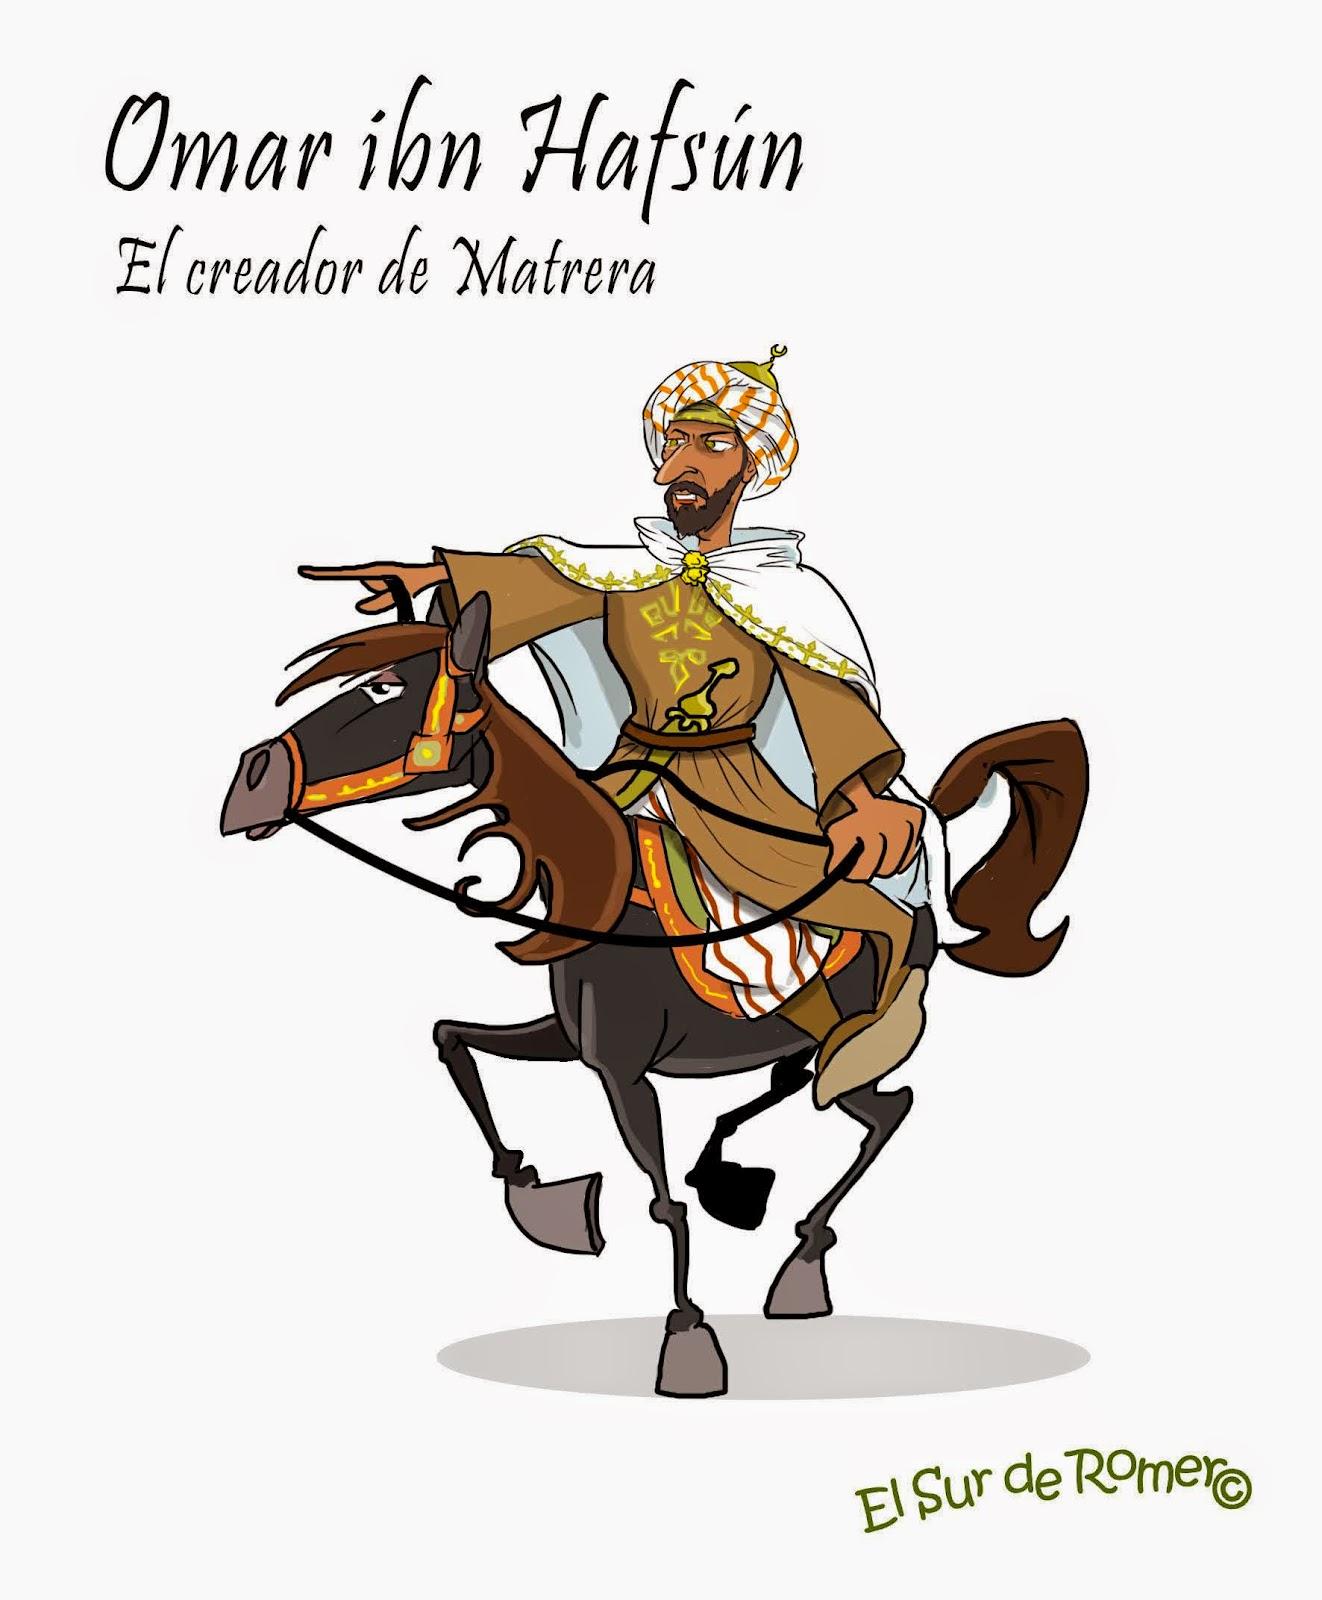 """<img src=""""Homar ibn Hafsún.jpg"""" alt=""""guerrilleros de Iptuci en dibujo""""/>"""